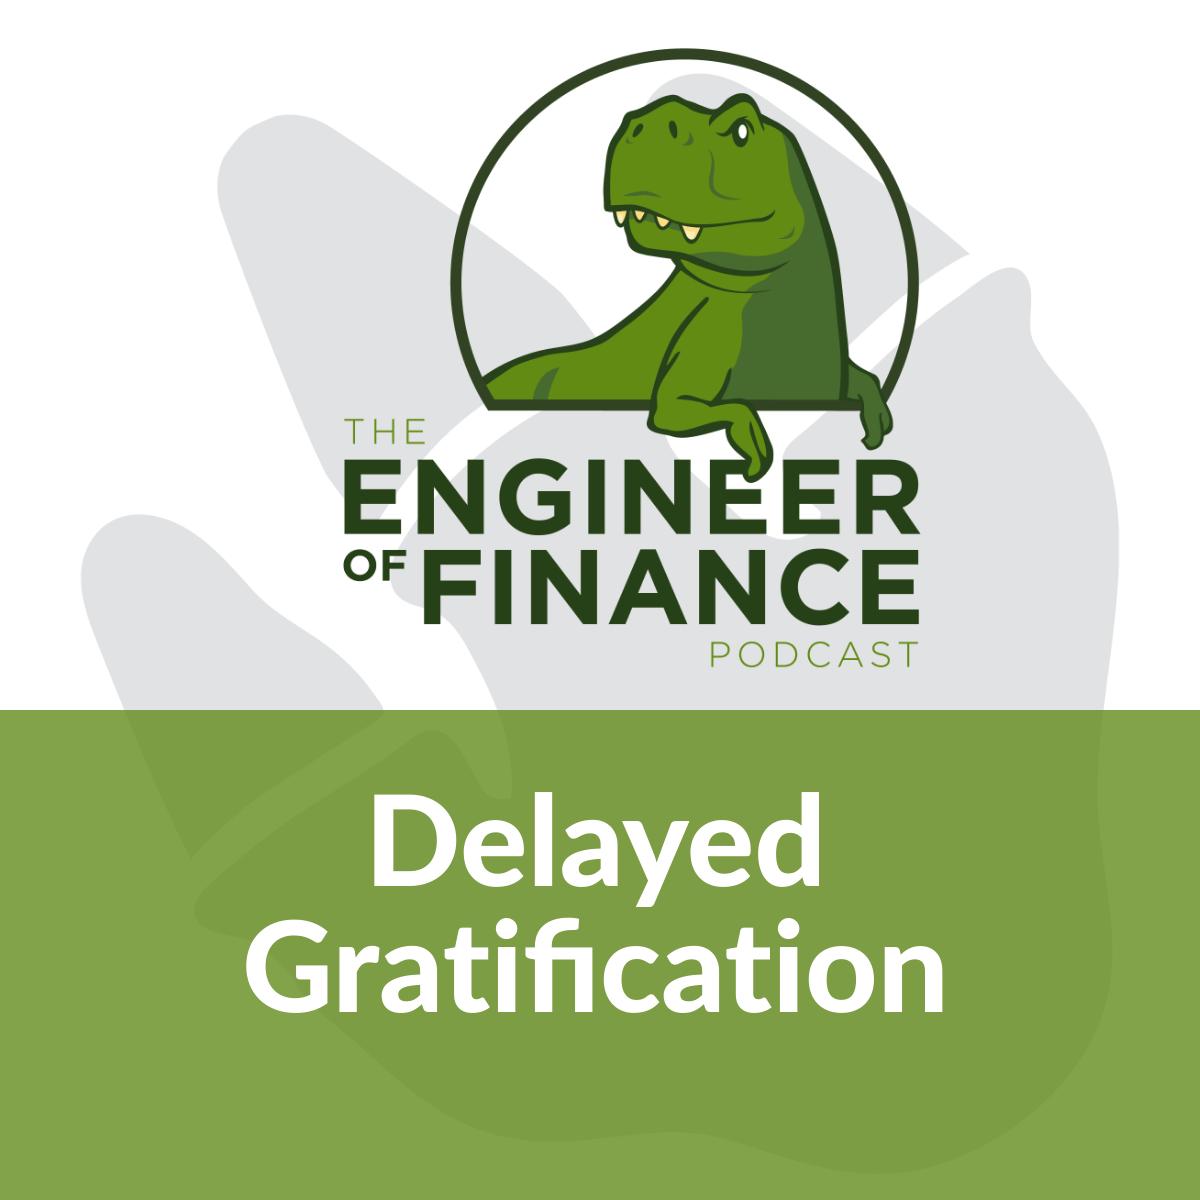 Delayed Gratification – Episode 149